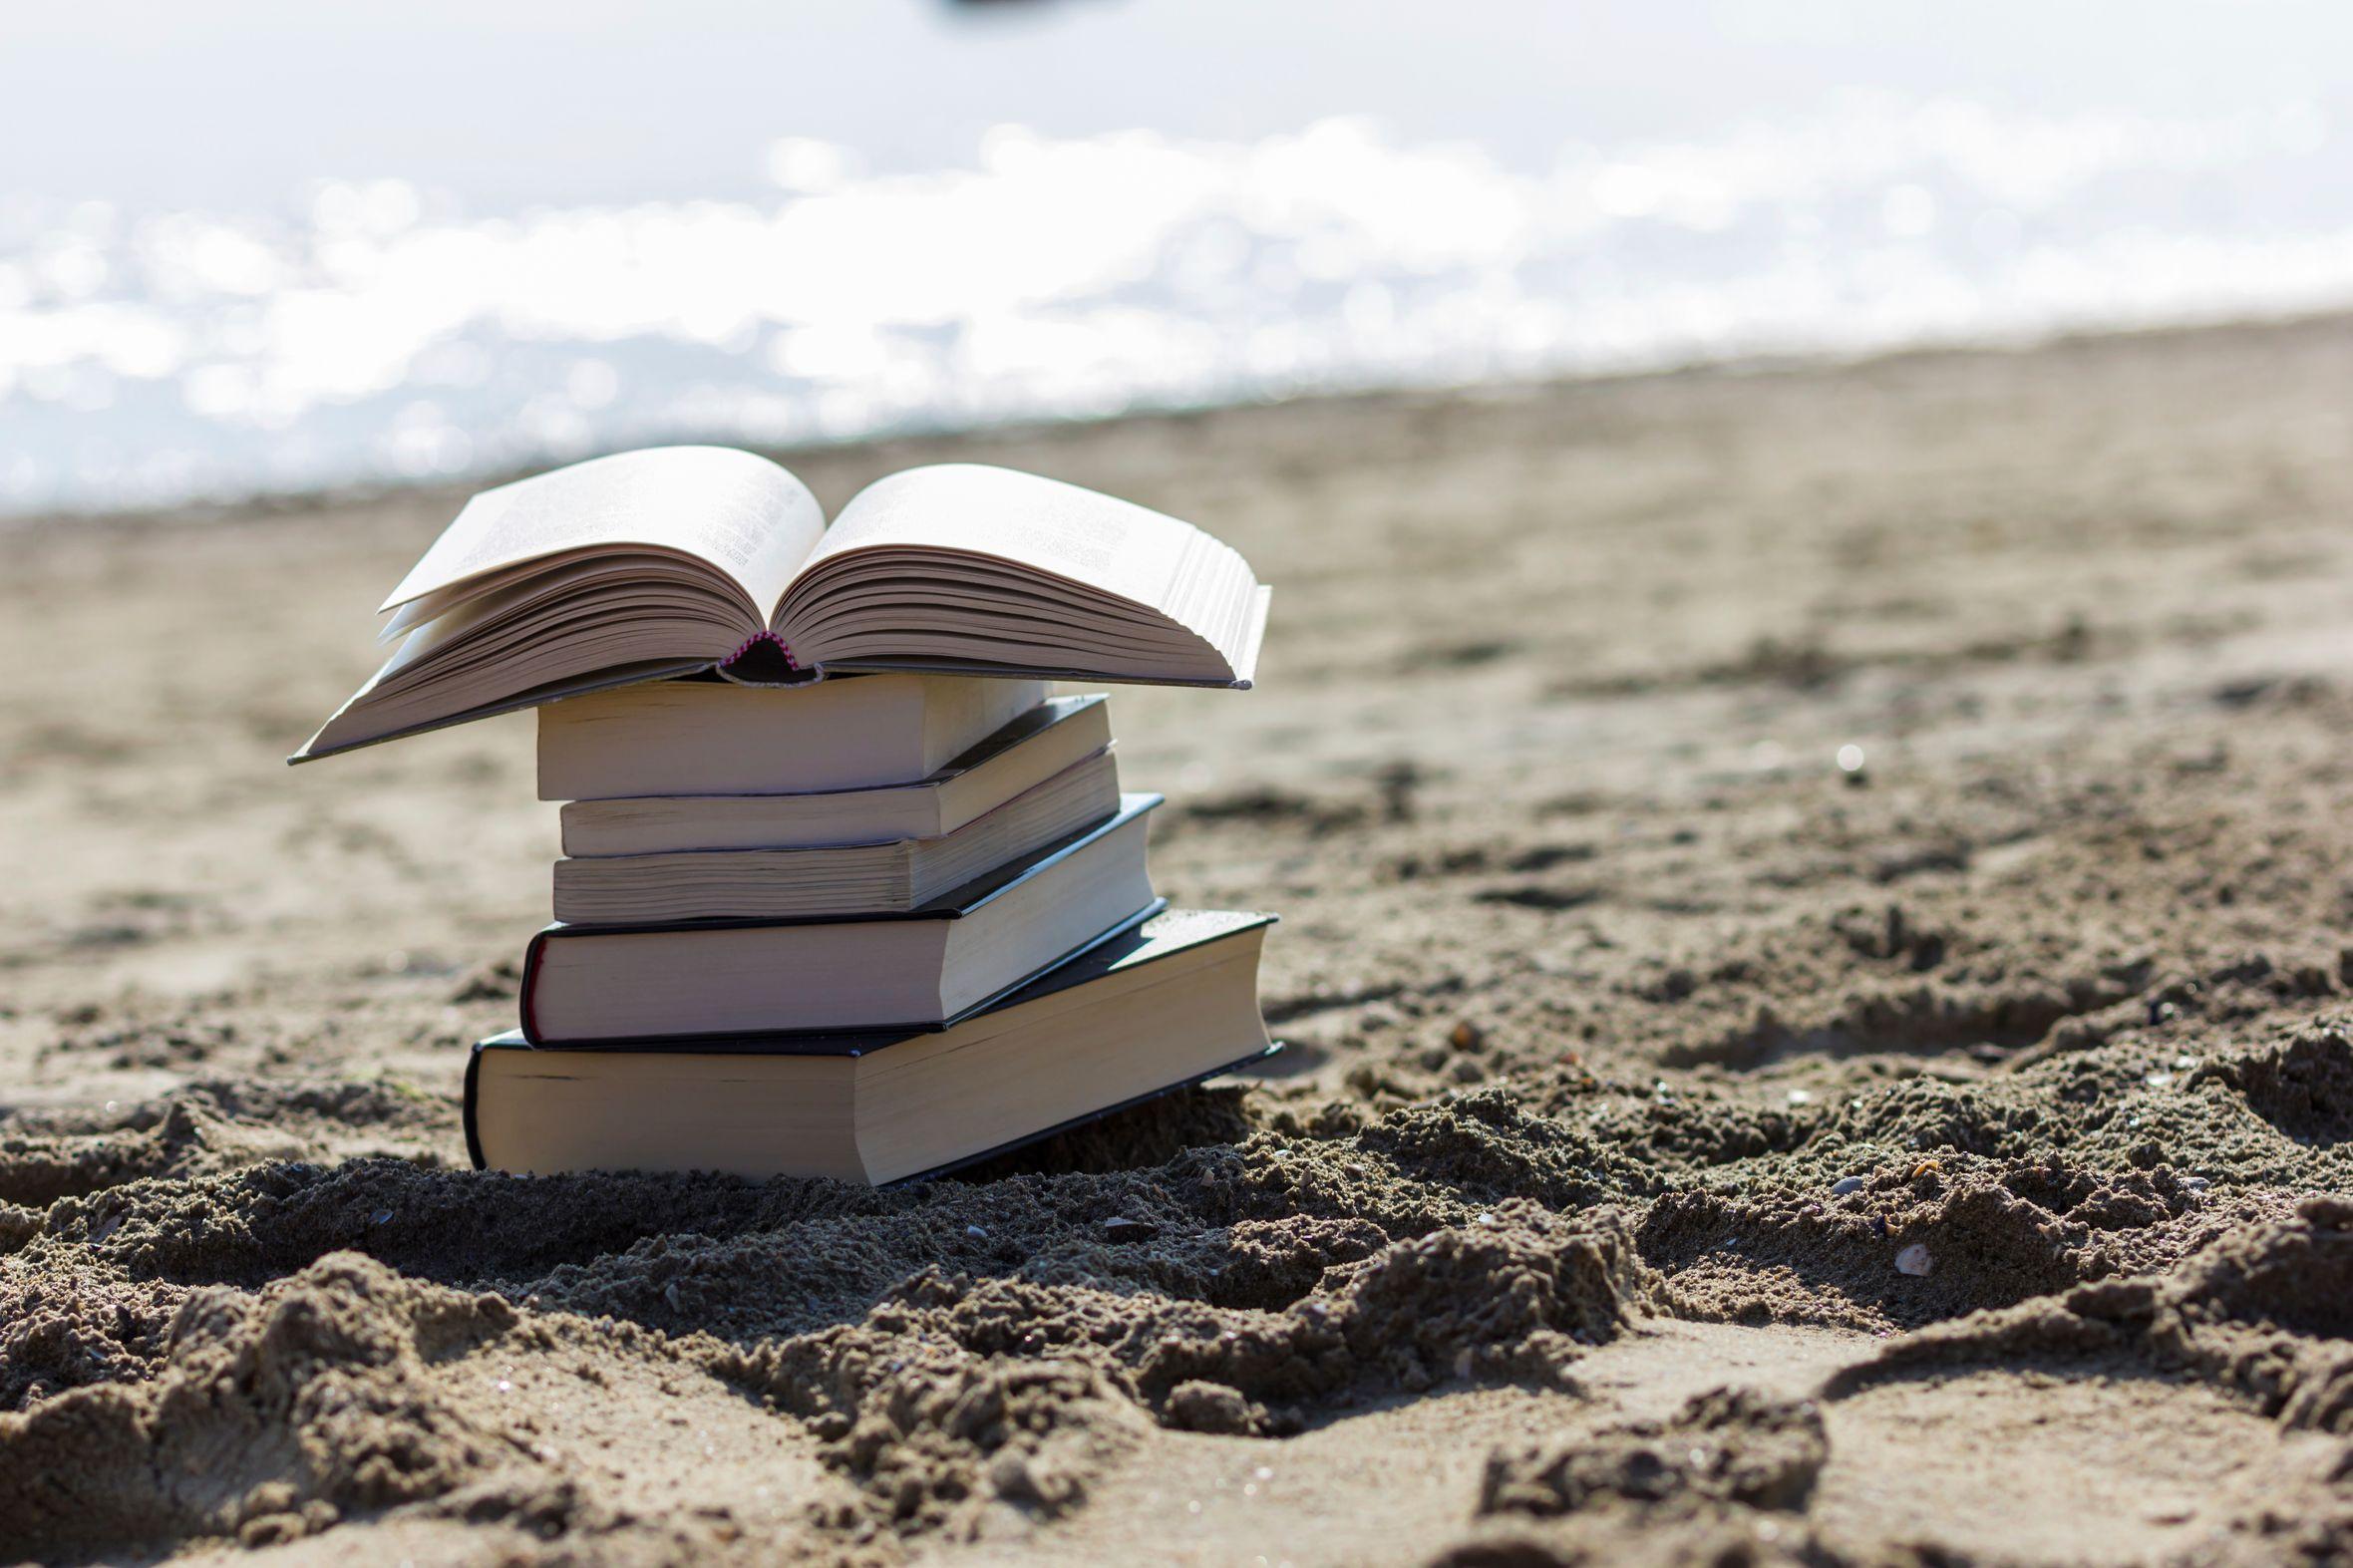 Αφήστε πίσω τα πολλά και βαριά βιβλία στις διακοπές σας